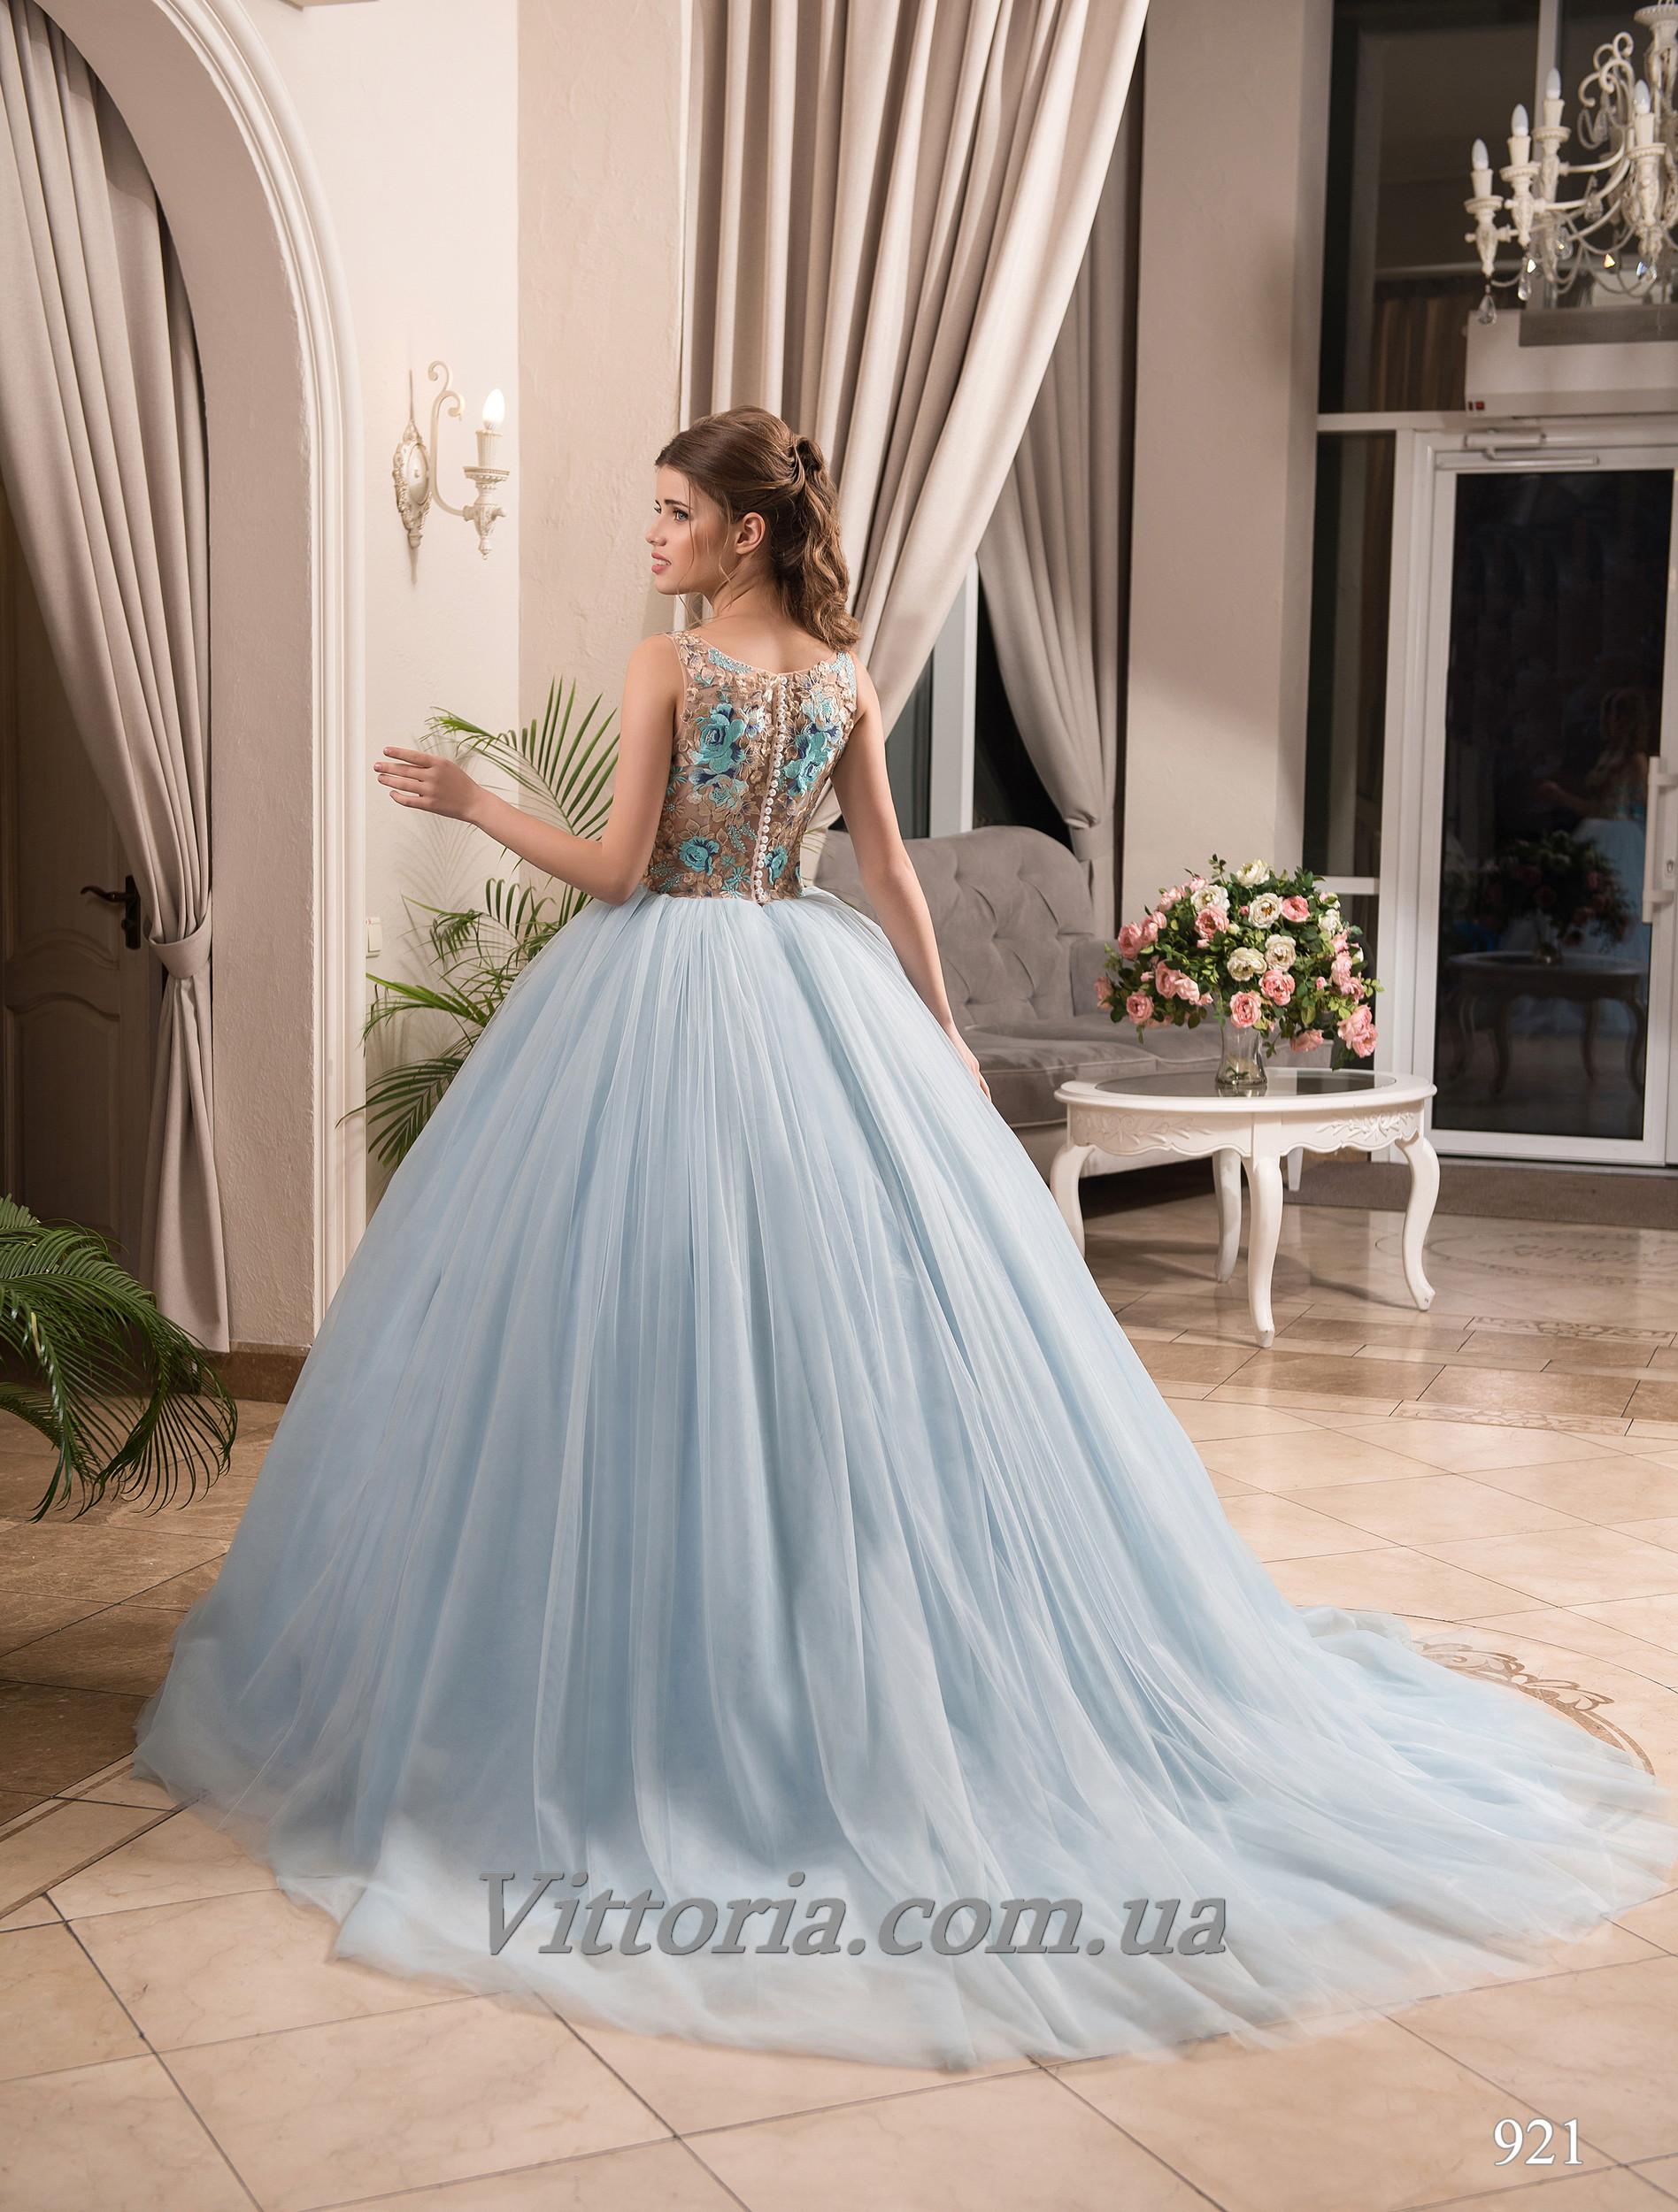 Свадебное платье Модель 17-921